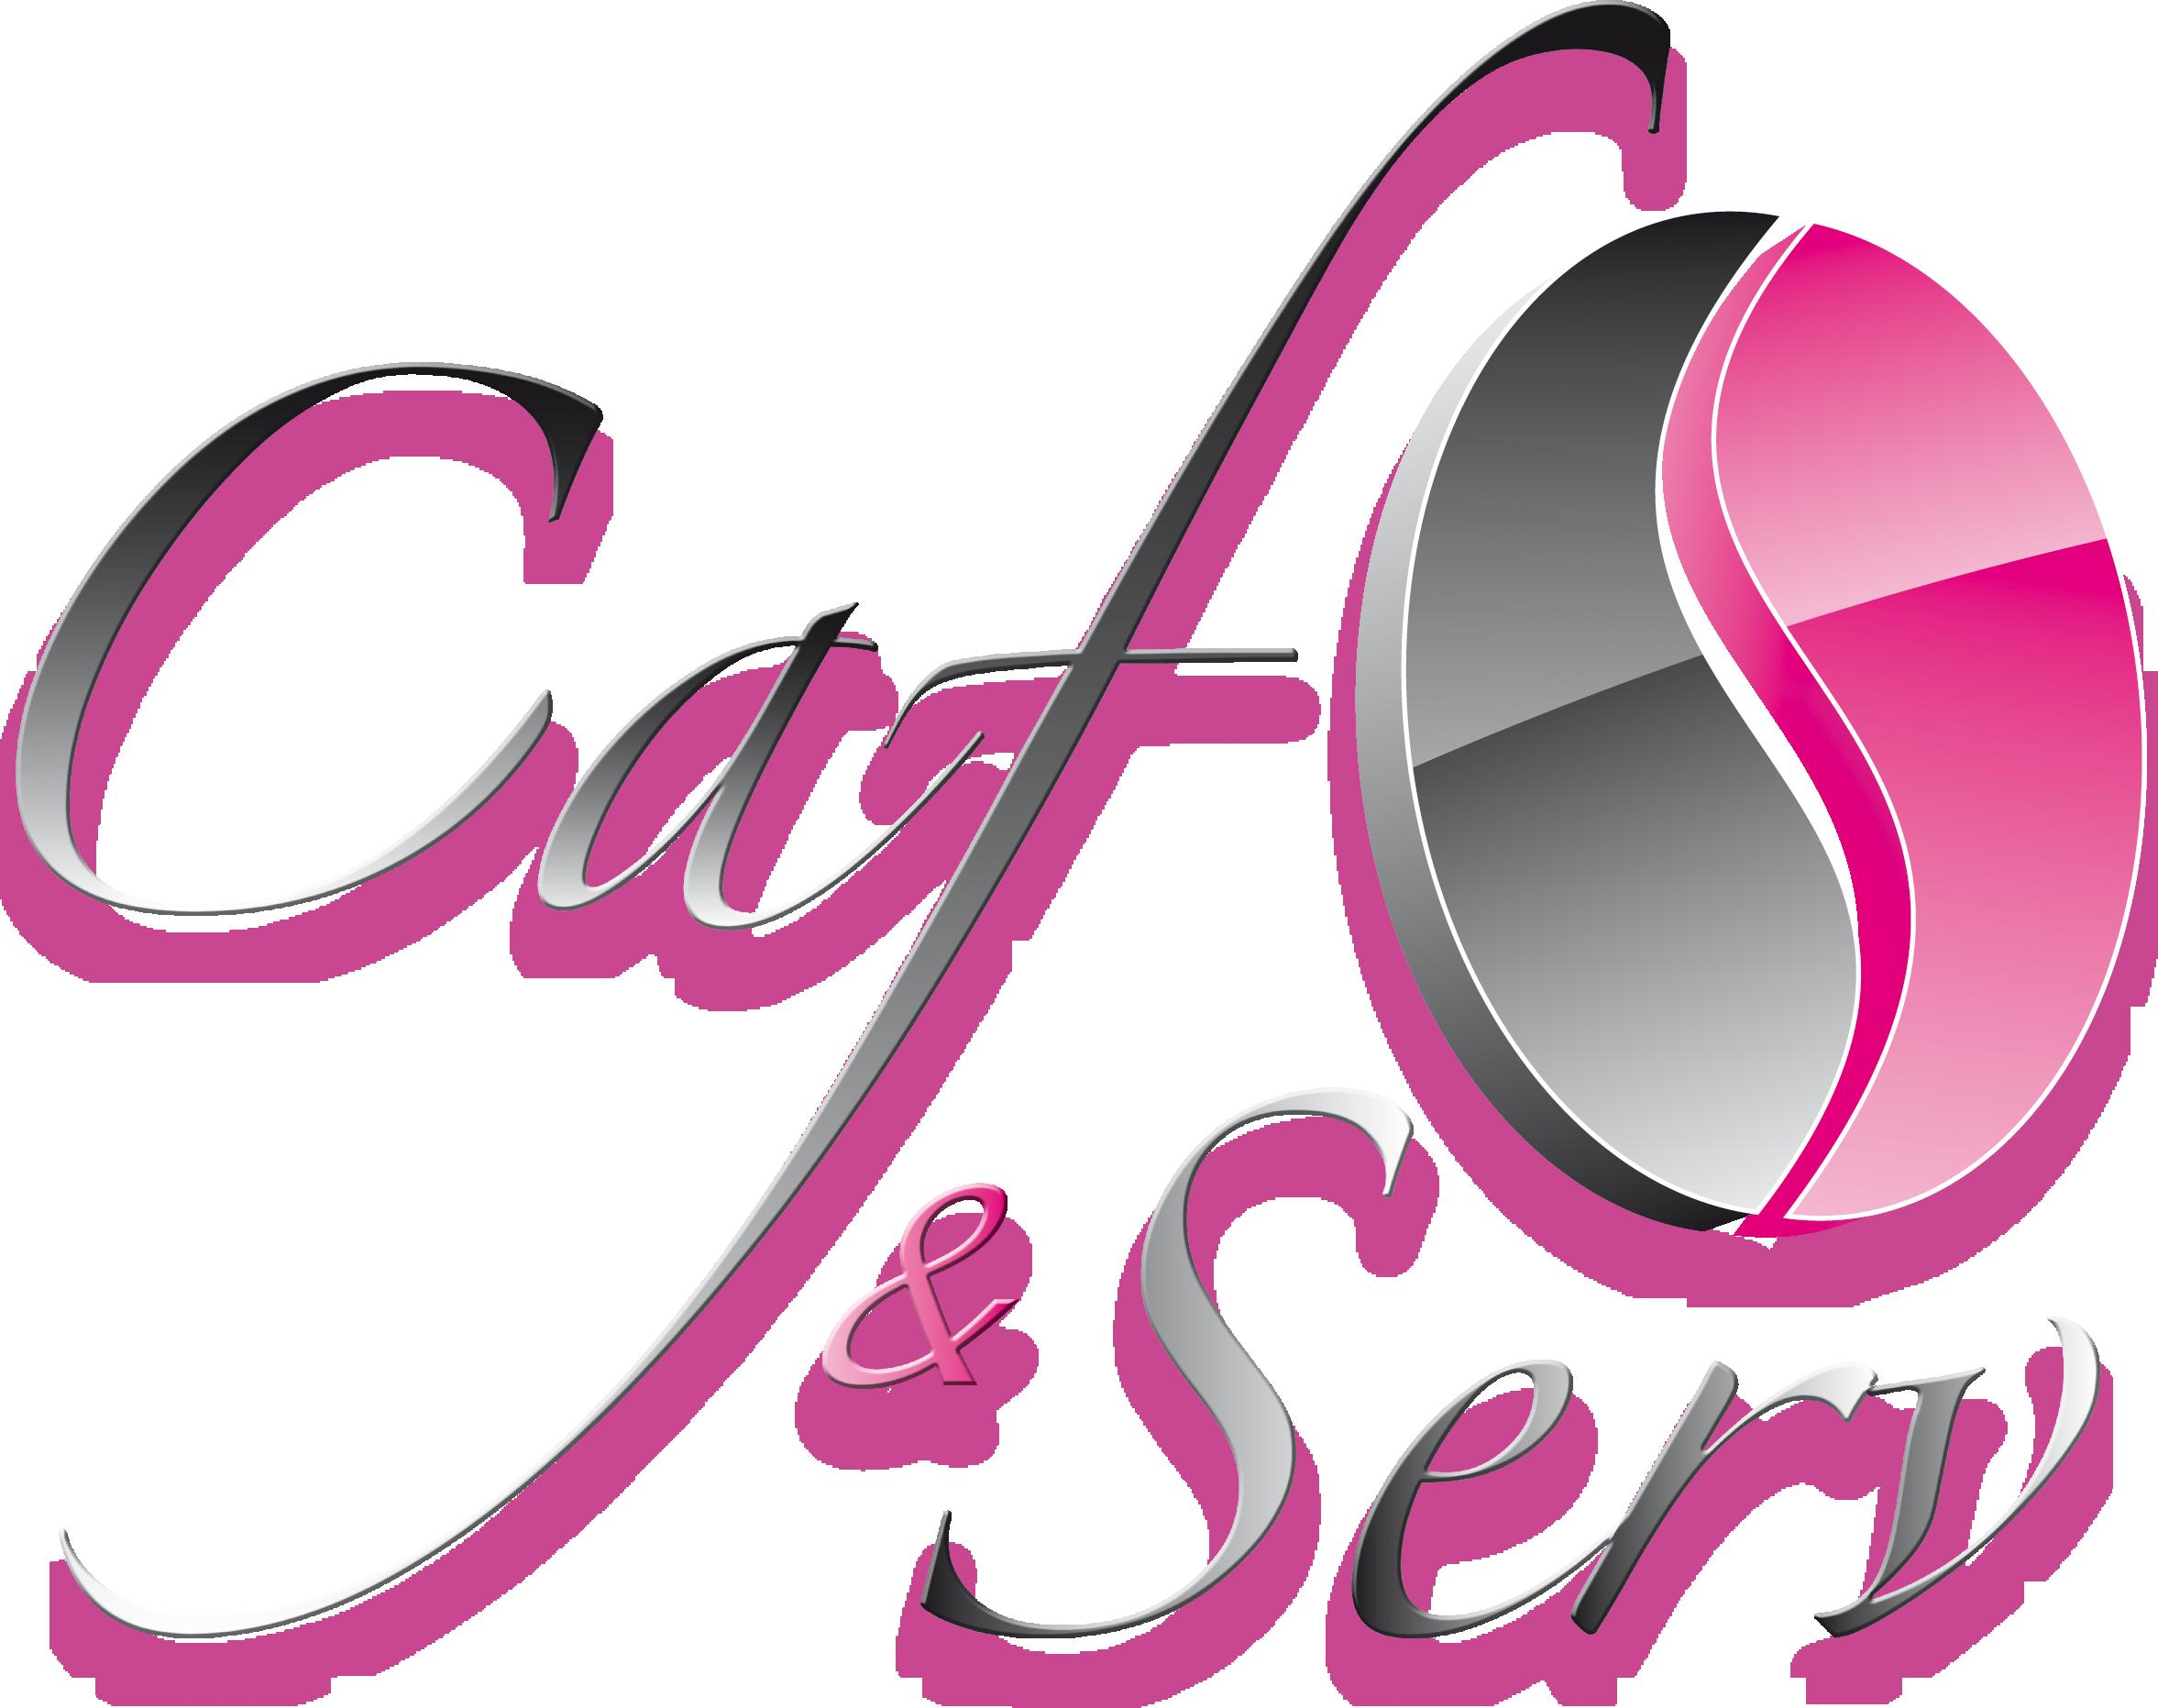 Caf&Serv La BOUTIQUE